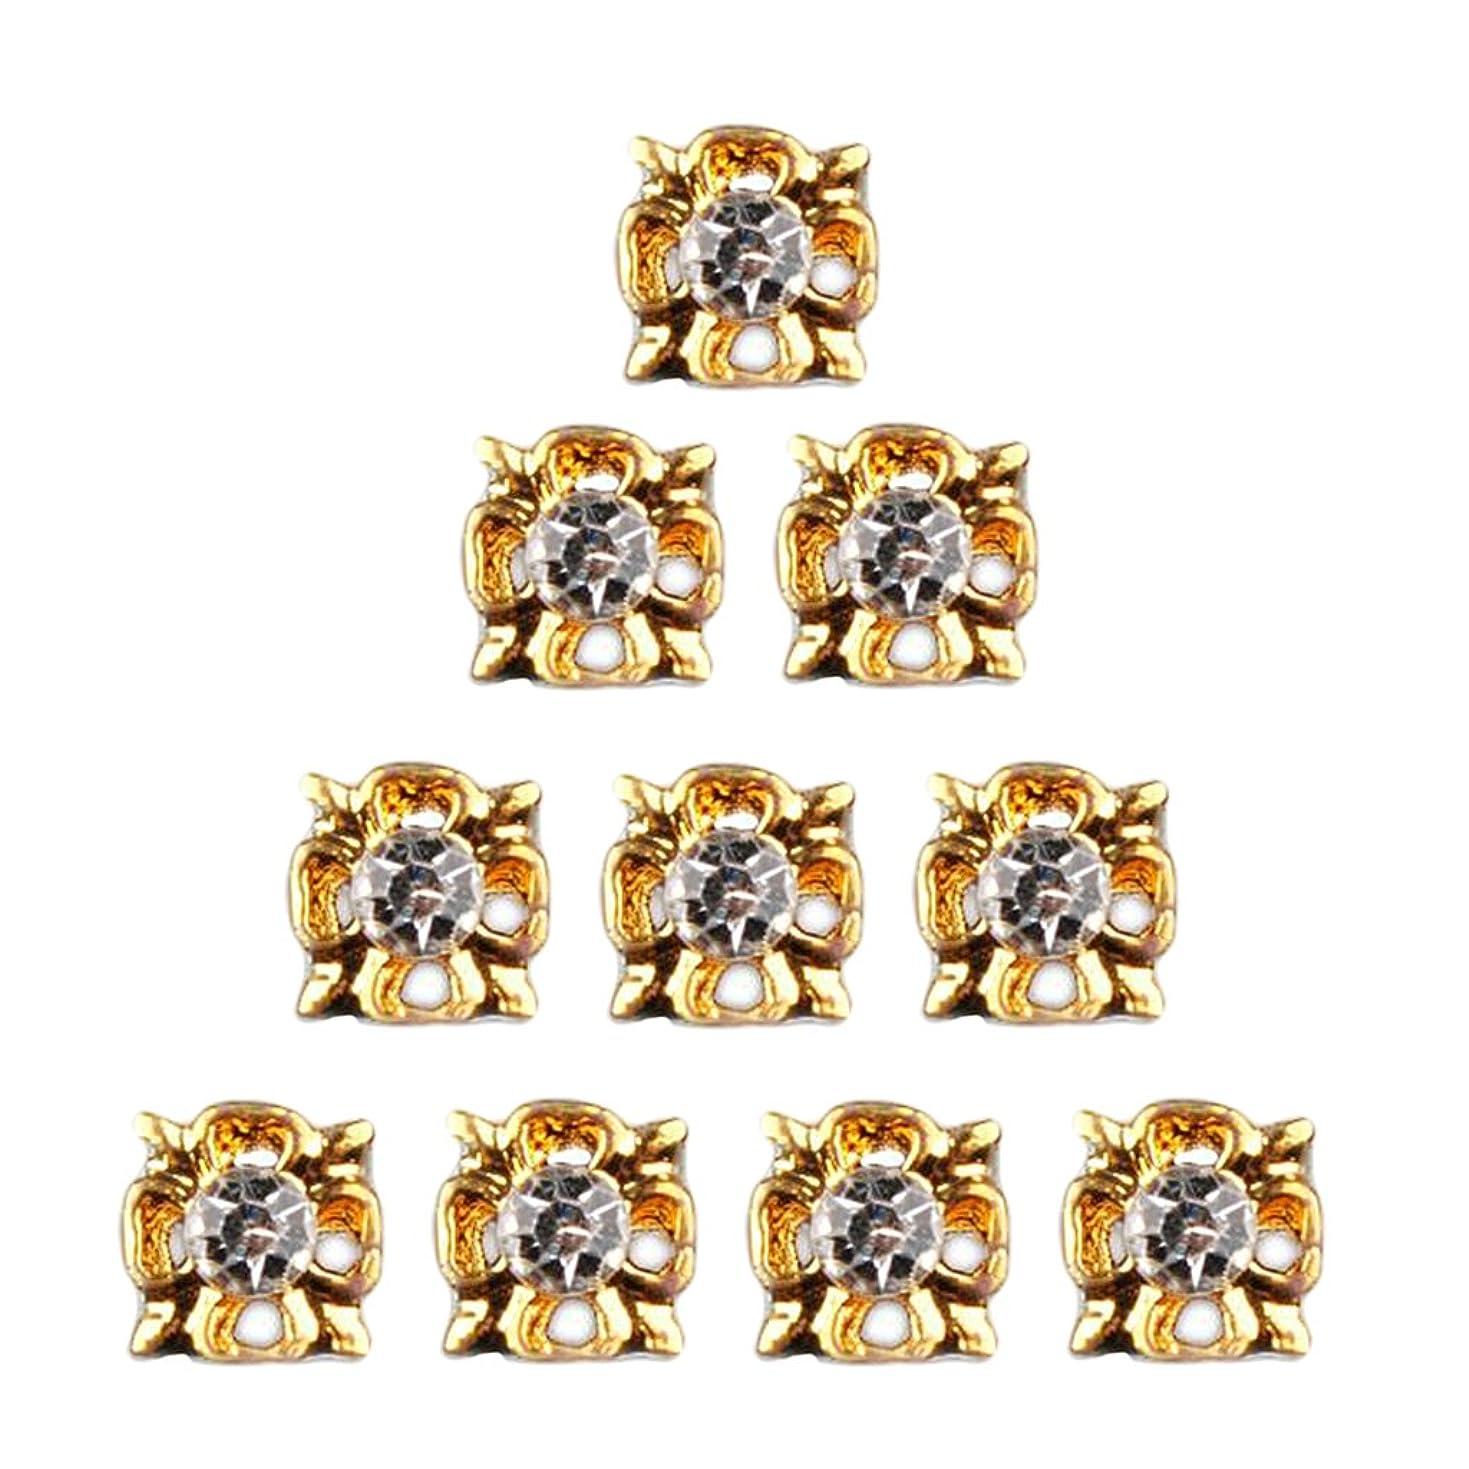 医療のすずめ塗抹ネイルアート ダイヤモンド ネイルデザイン 3D ヒントステッカー ネイルデコレーション 全8種類 - 4